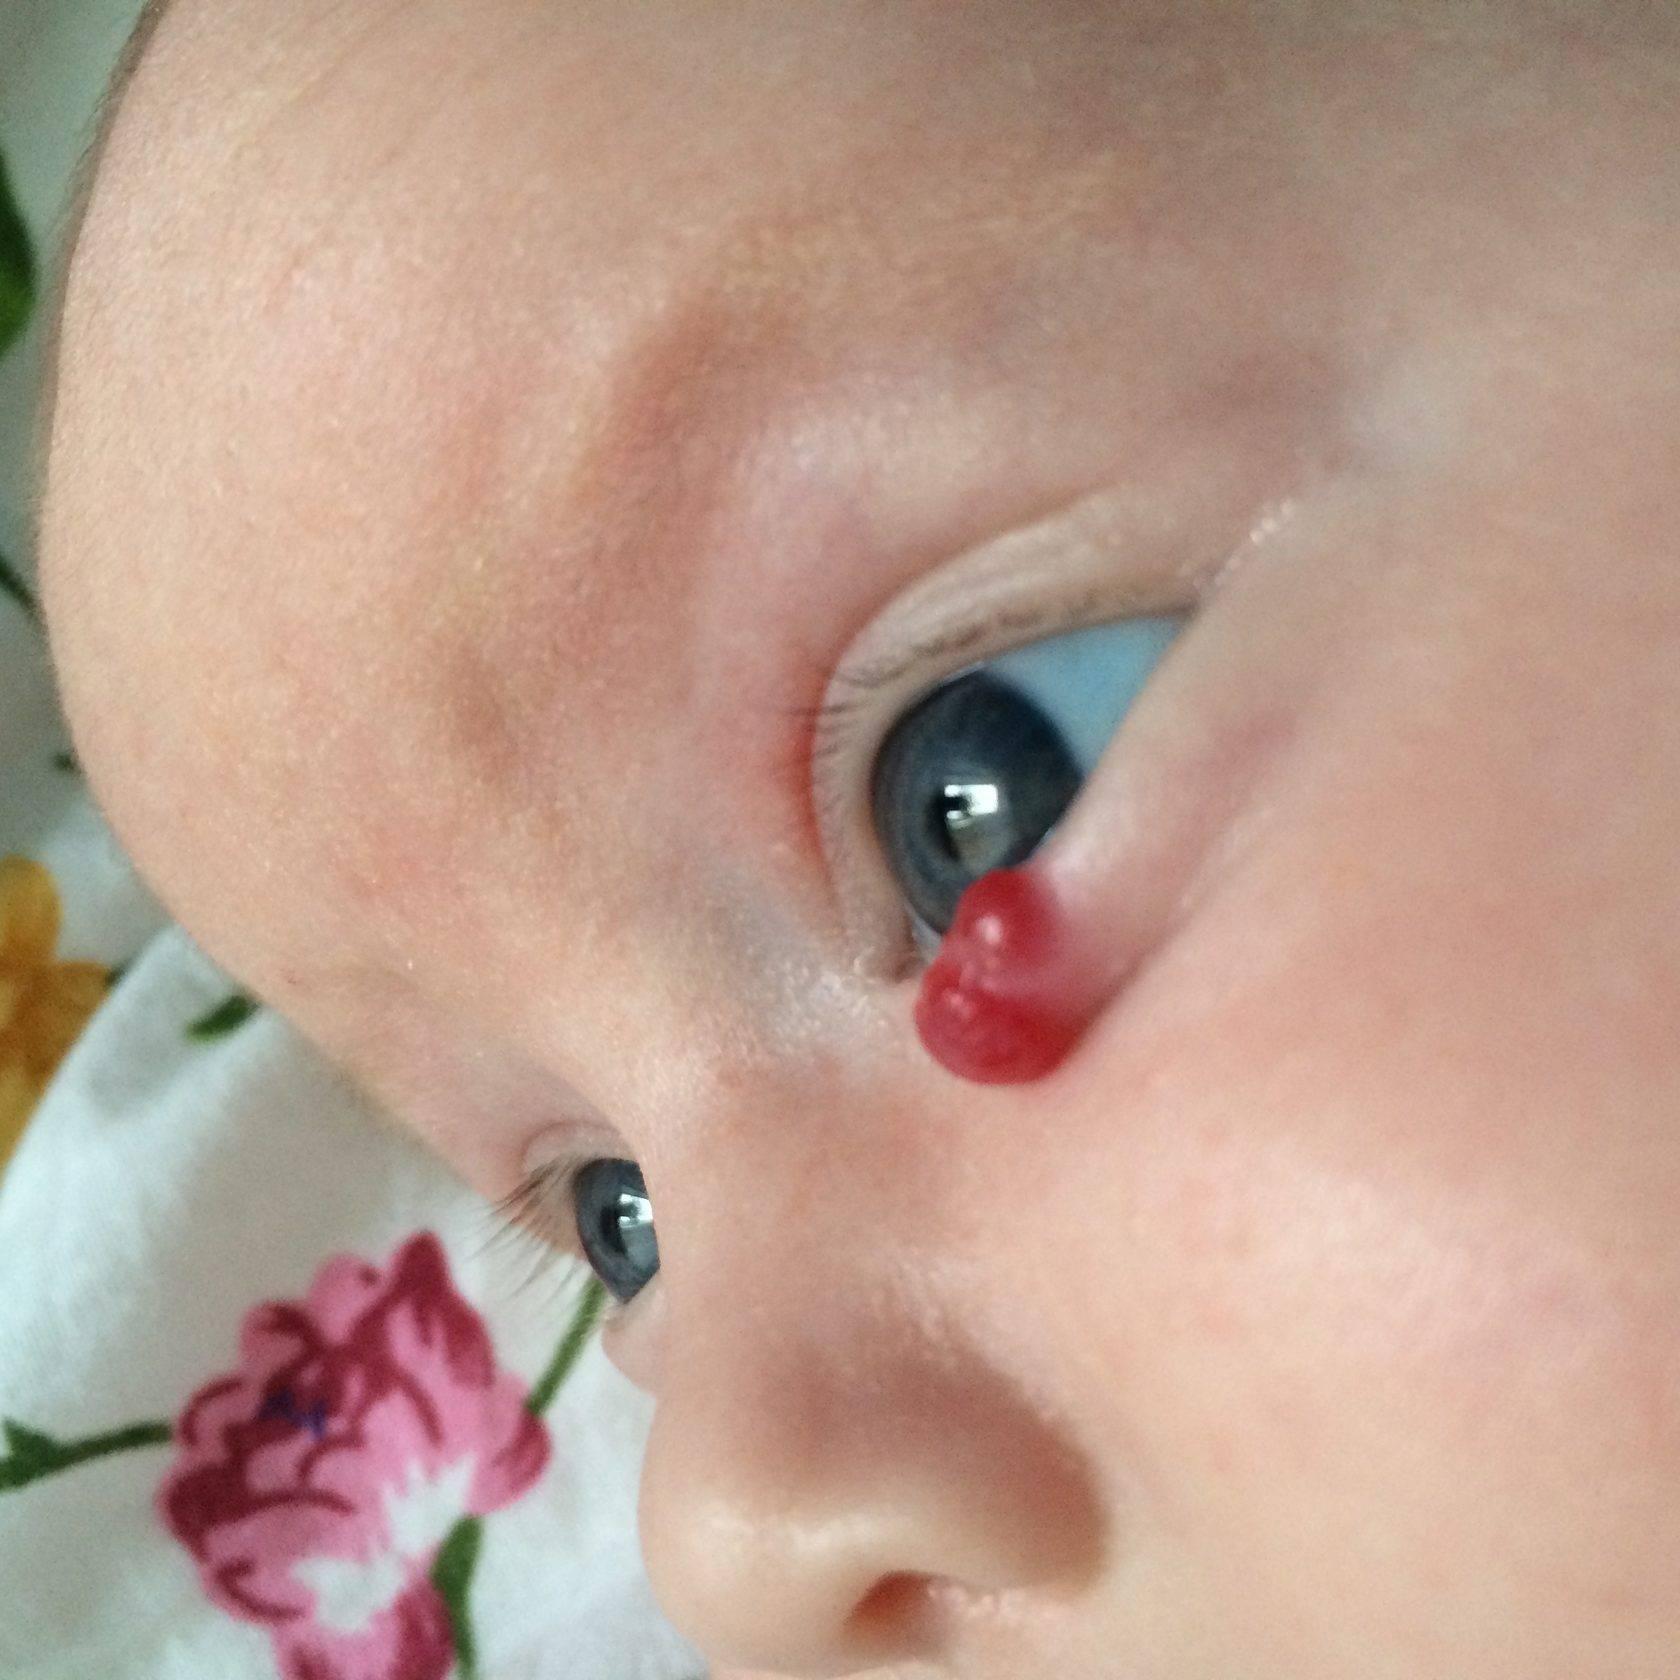 Сосудистая звездочка на лице у ребенка: причины и лечение